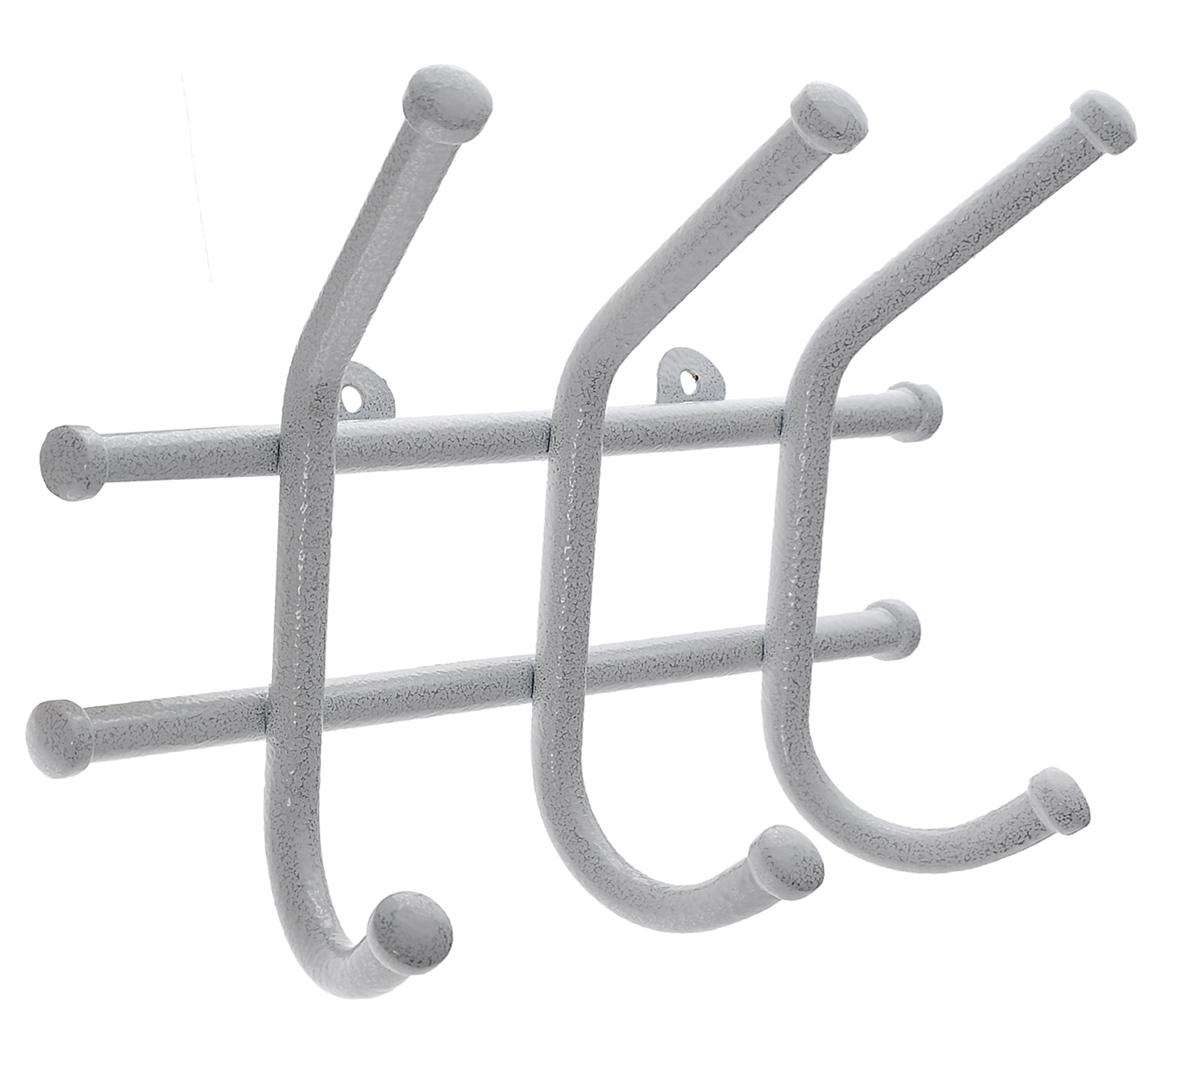 Вешалка настенная ЗМИ Норма 3, цвет: белый, 3 крючка